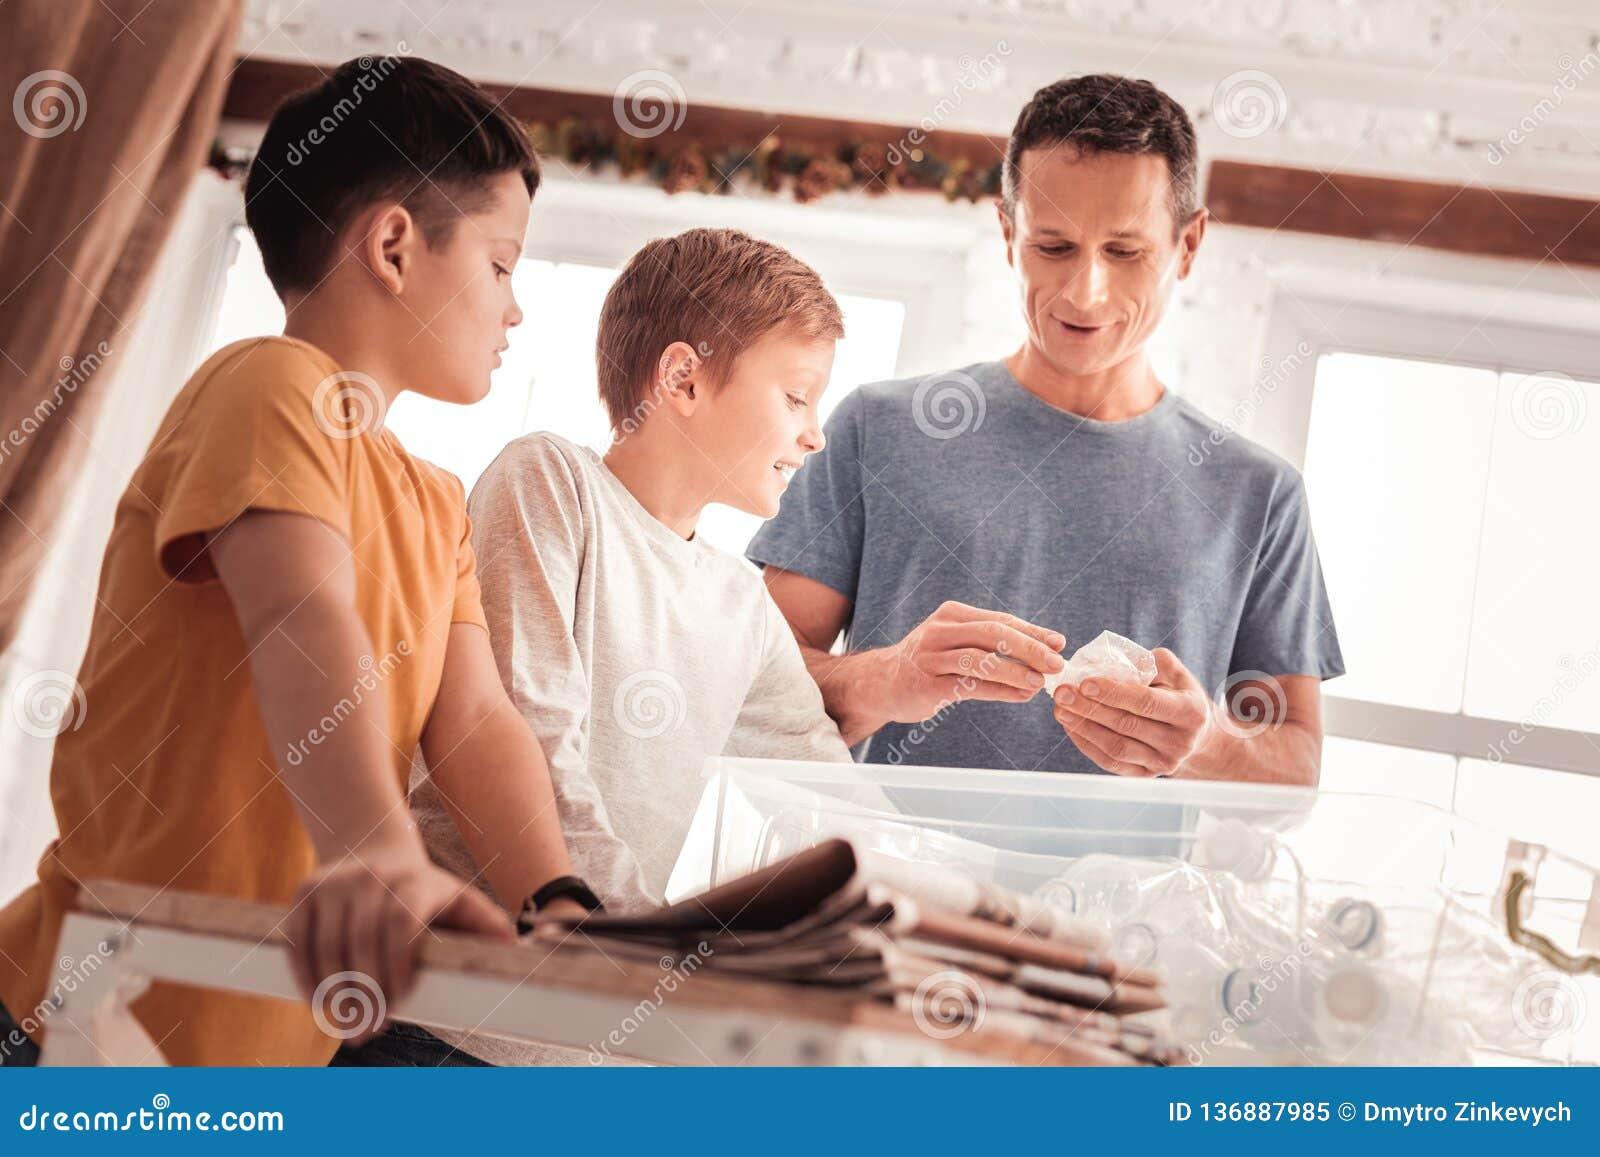 Πατέρας που φορά το μπλε πουκάμισο που λέει στους γιους του για την ταξινόμηση αποβλήτων